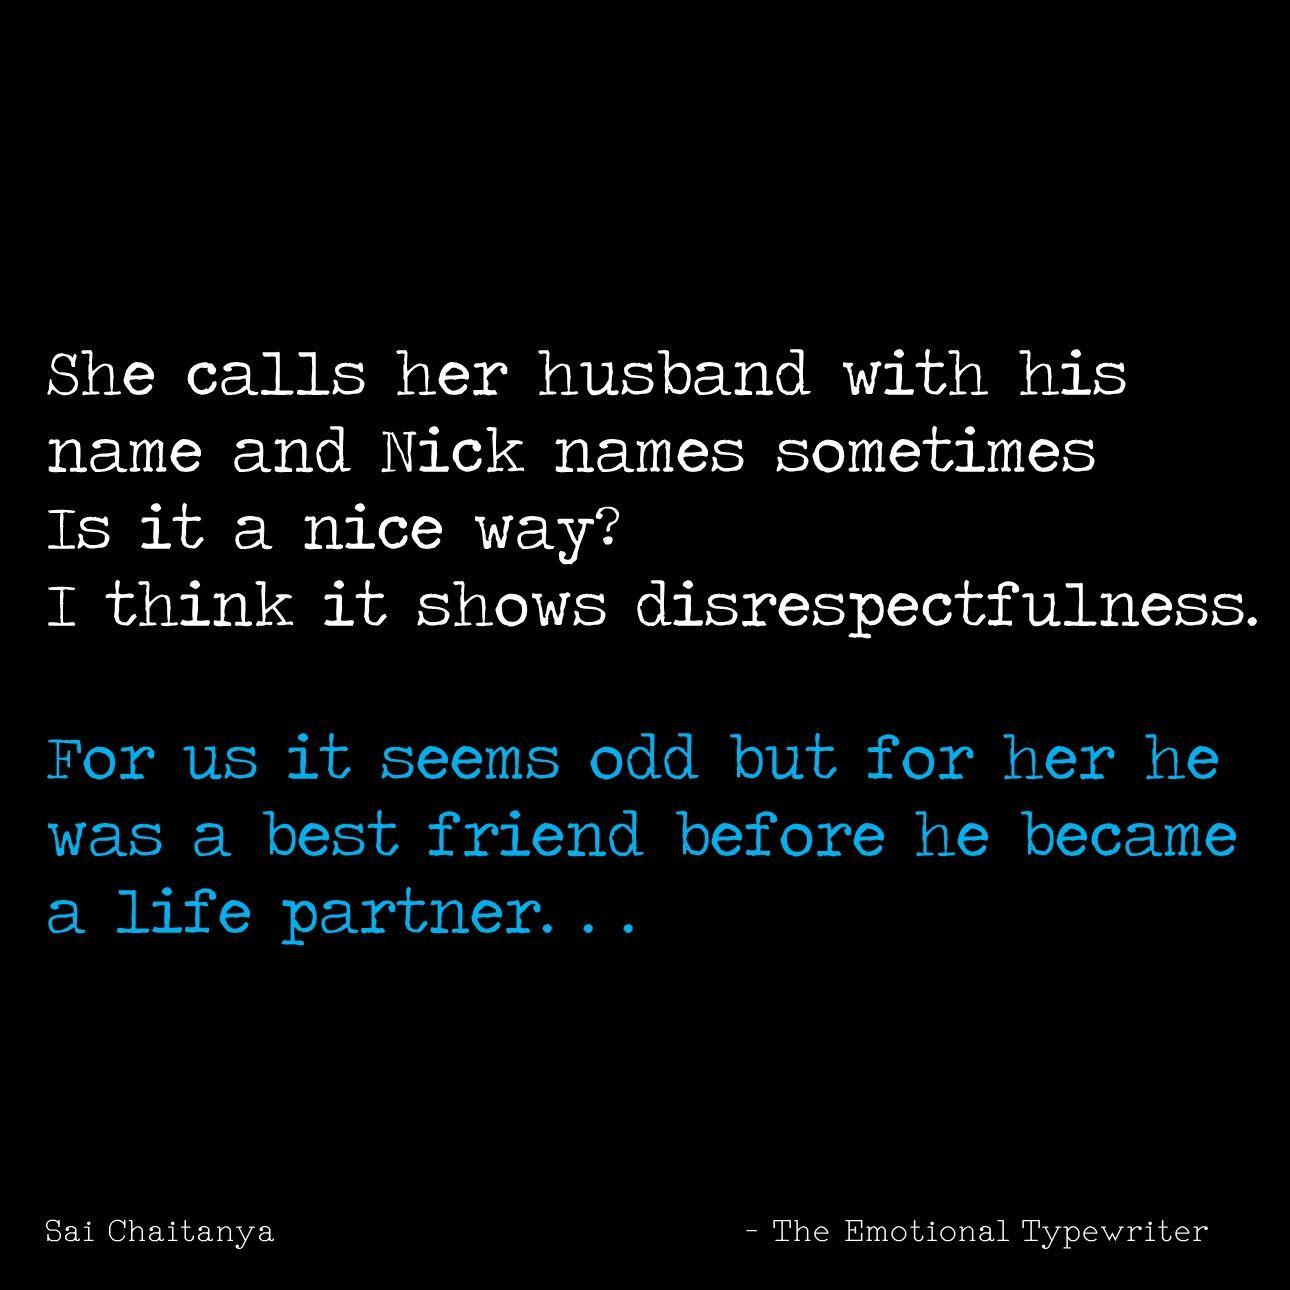 Tet Theemotionaltypewriter Love Relationship Truelove Twitter